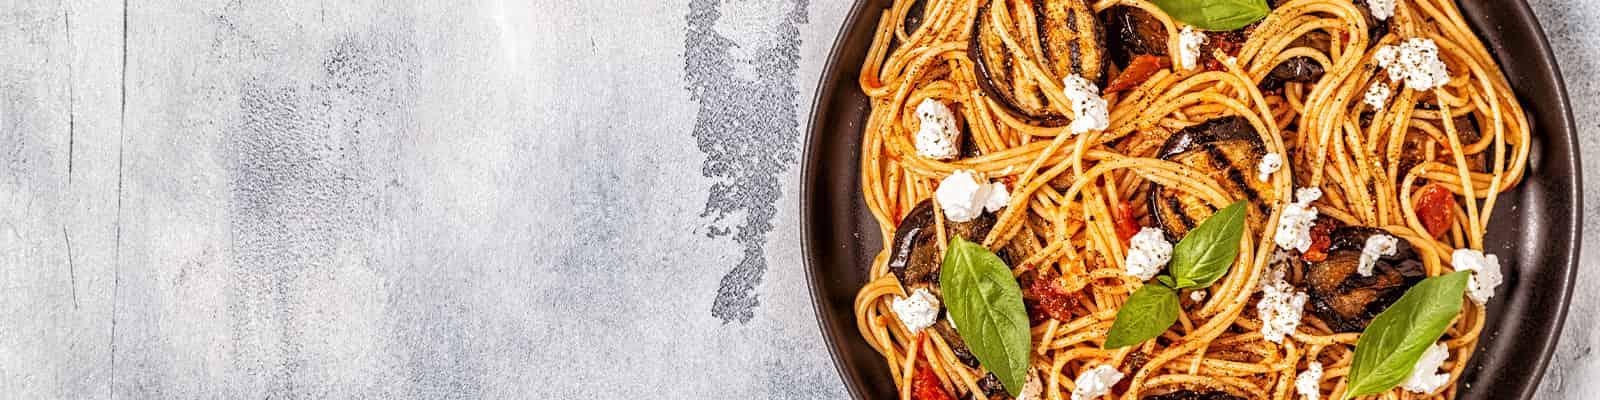 Pasta Garofalo - Spaghetti alla norma